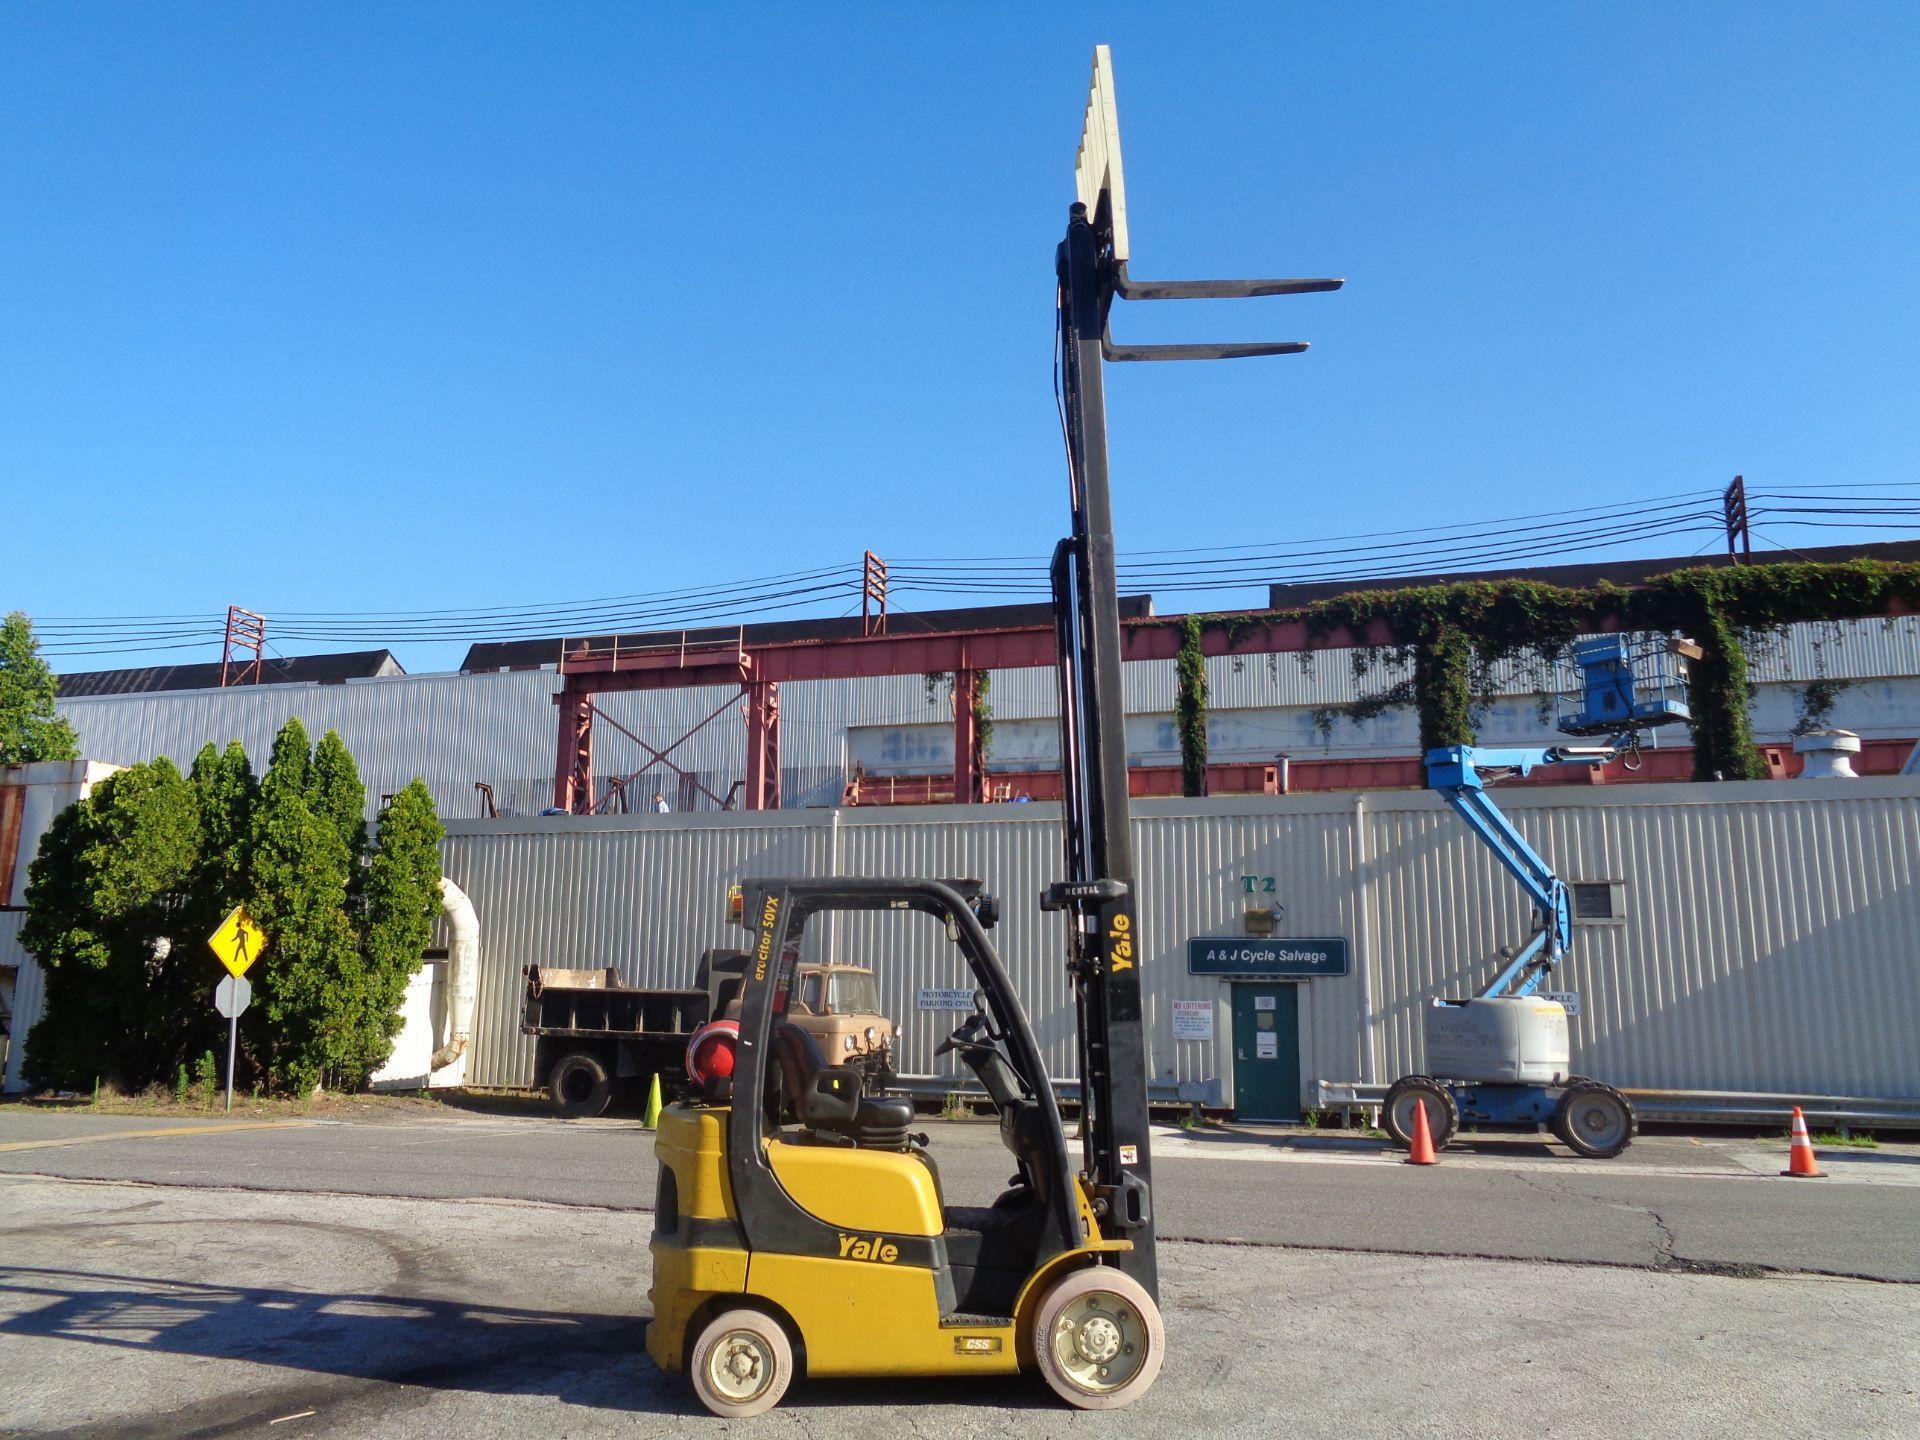 2014 Yale GLC050VXNVRE088 5,000 lb Forklift - Image 6 of 11